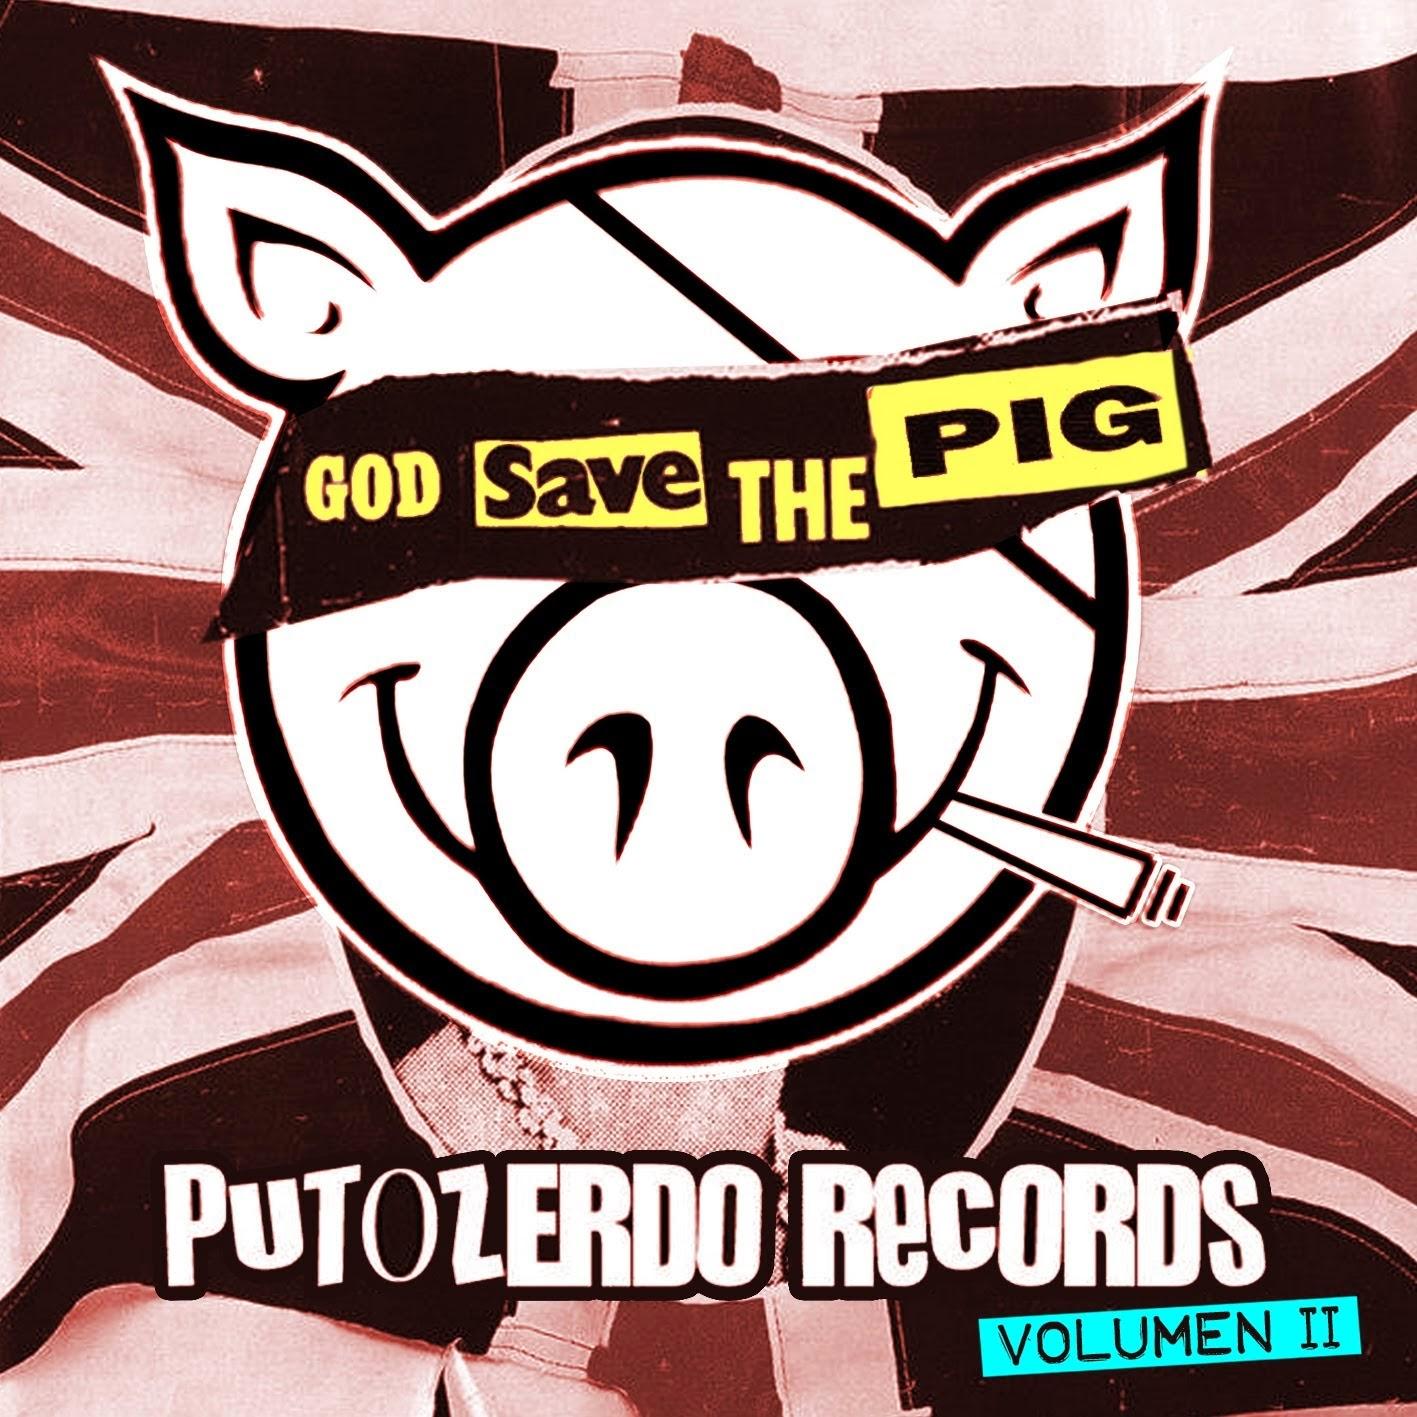 https://putozerdorecords.bandcamp.com/album/god-save-the-pig-vol-ii